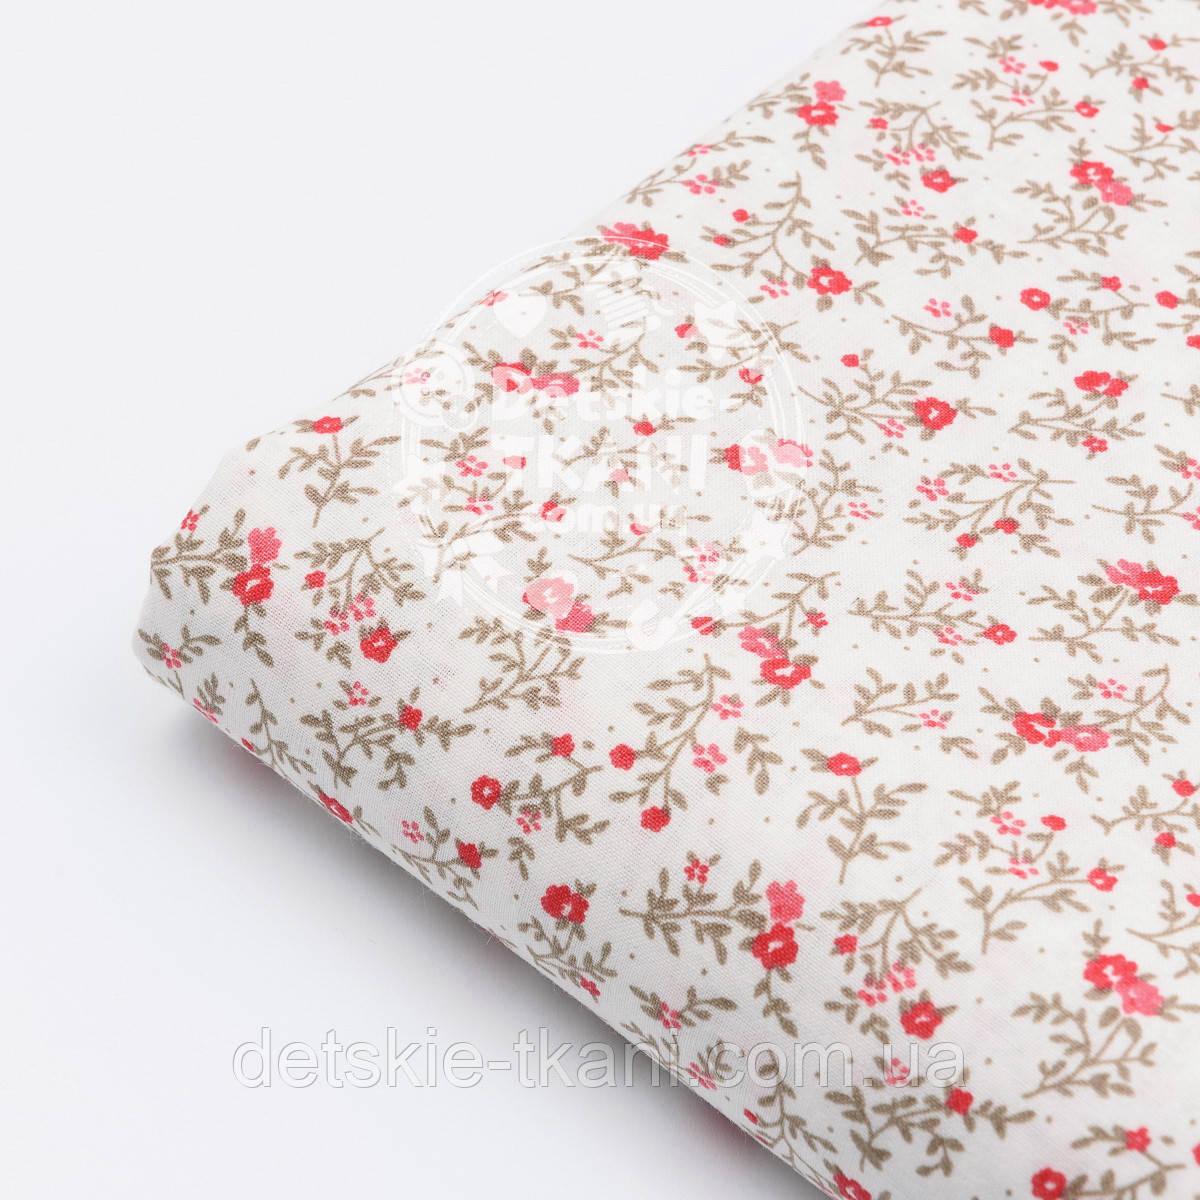 Лоскут ткани с мелкими красными цветочками на белом фоне №1548а, размер 29*80 см